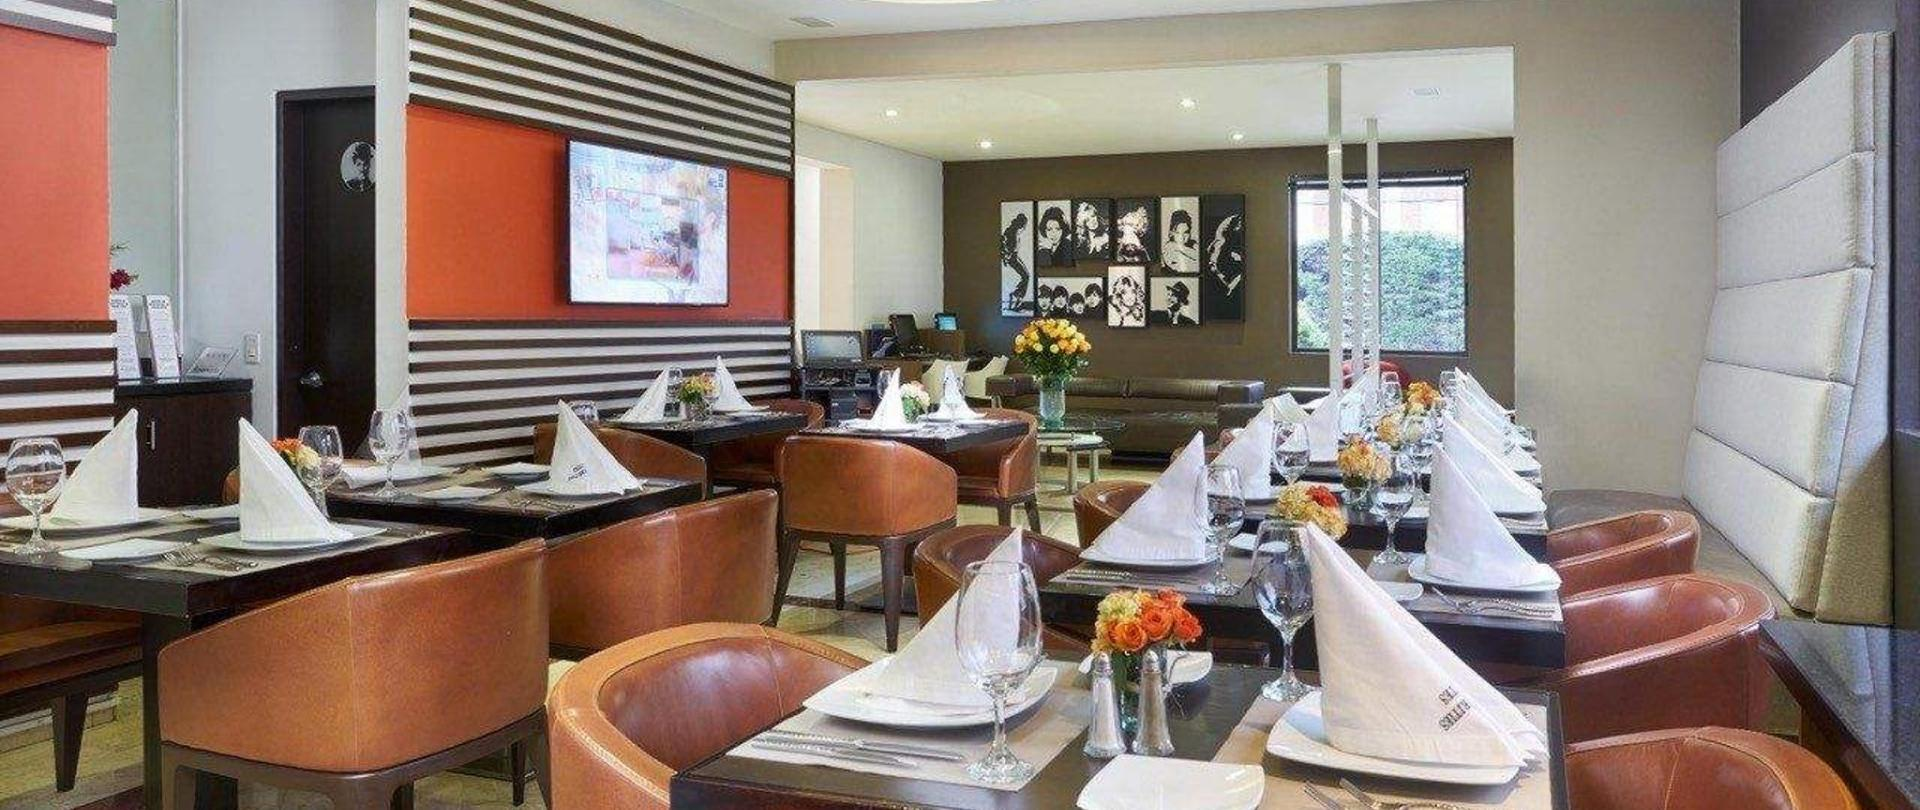 restaurante-2-4.jpg